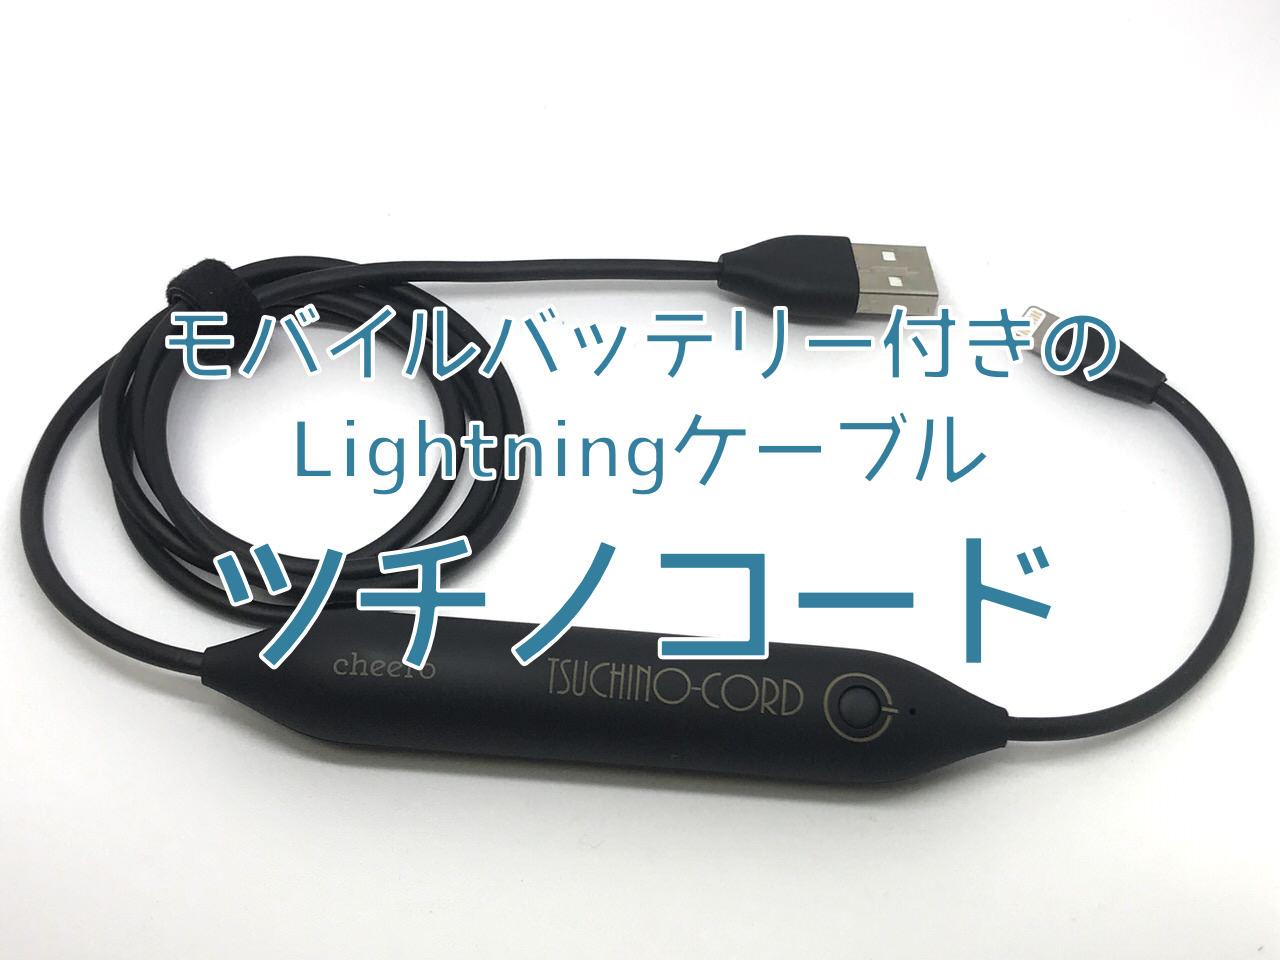 チョイ充電が可能!モバイルバッテリー付きのLightningケーブル「ツチノコード」